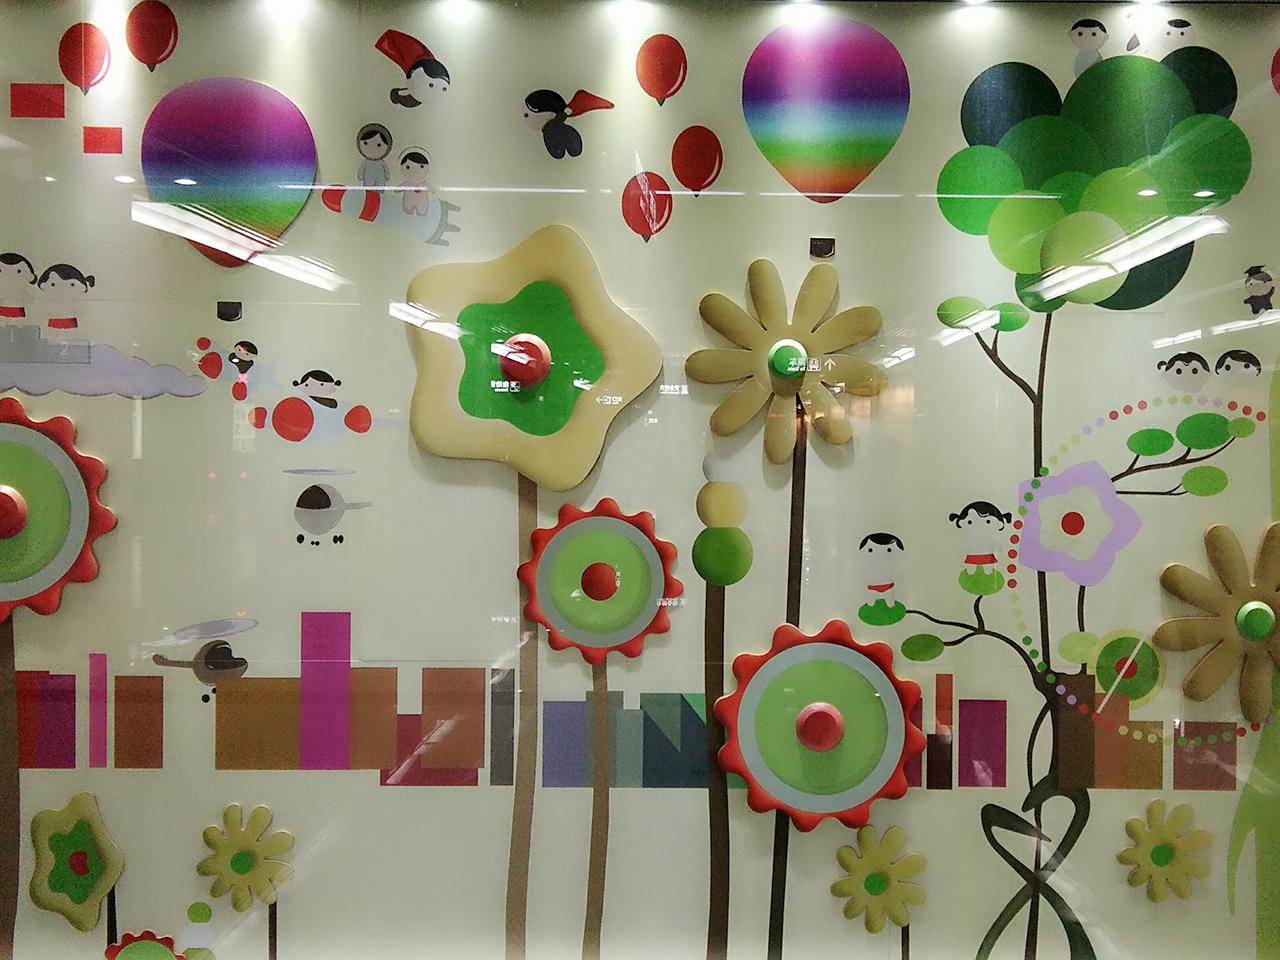 幼儿园环境创设应该注意什么图片